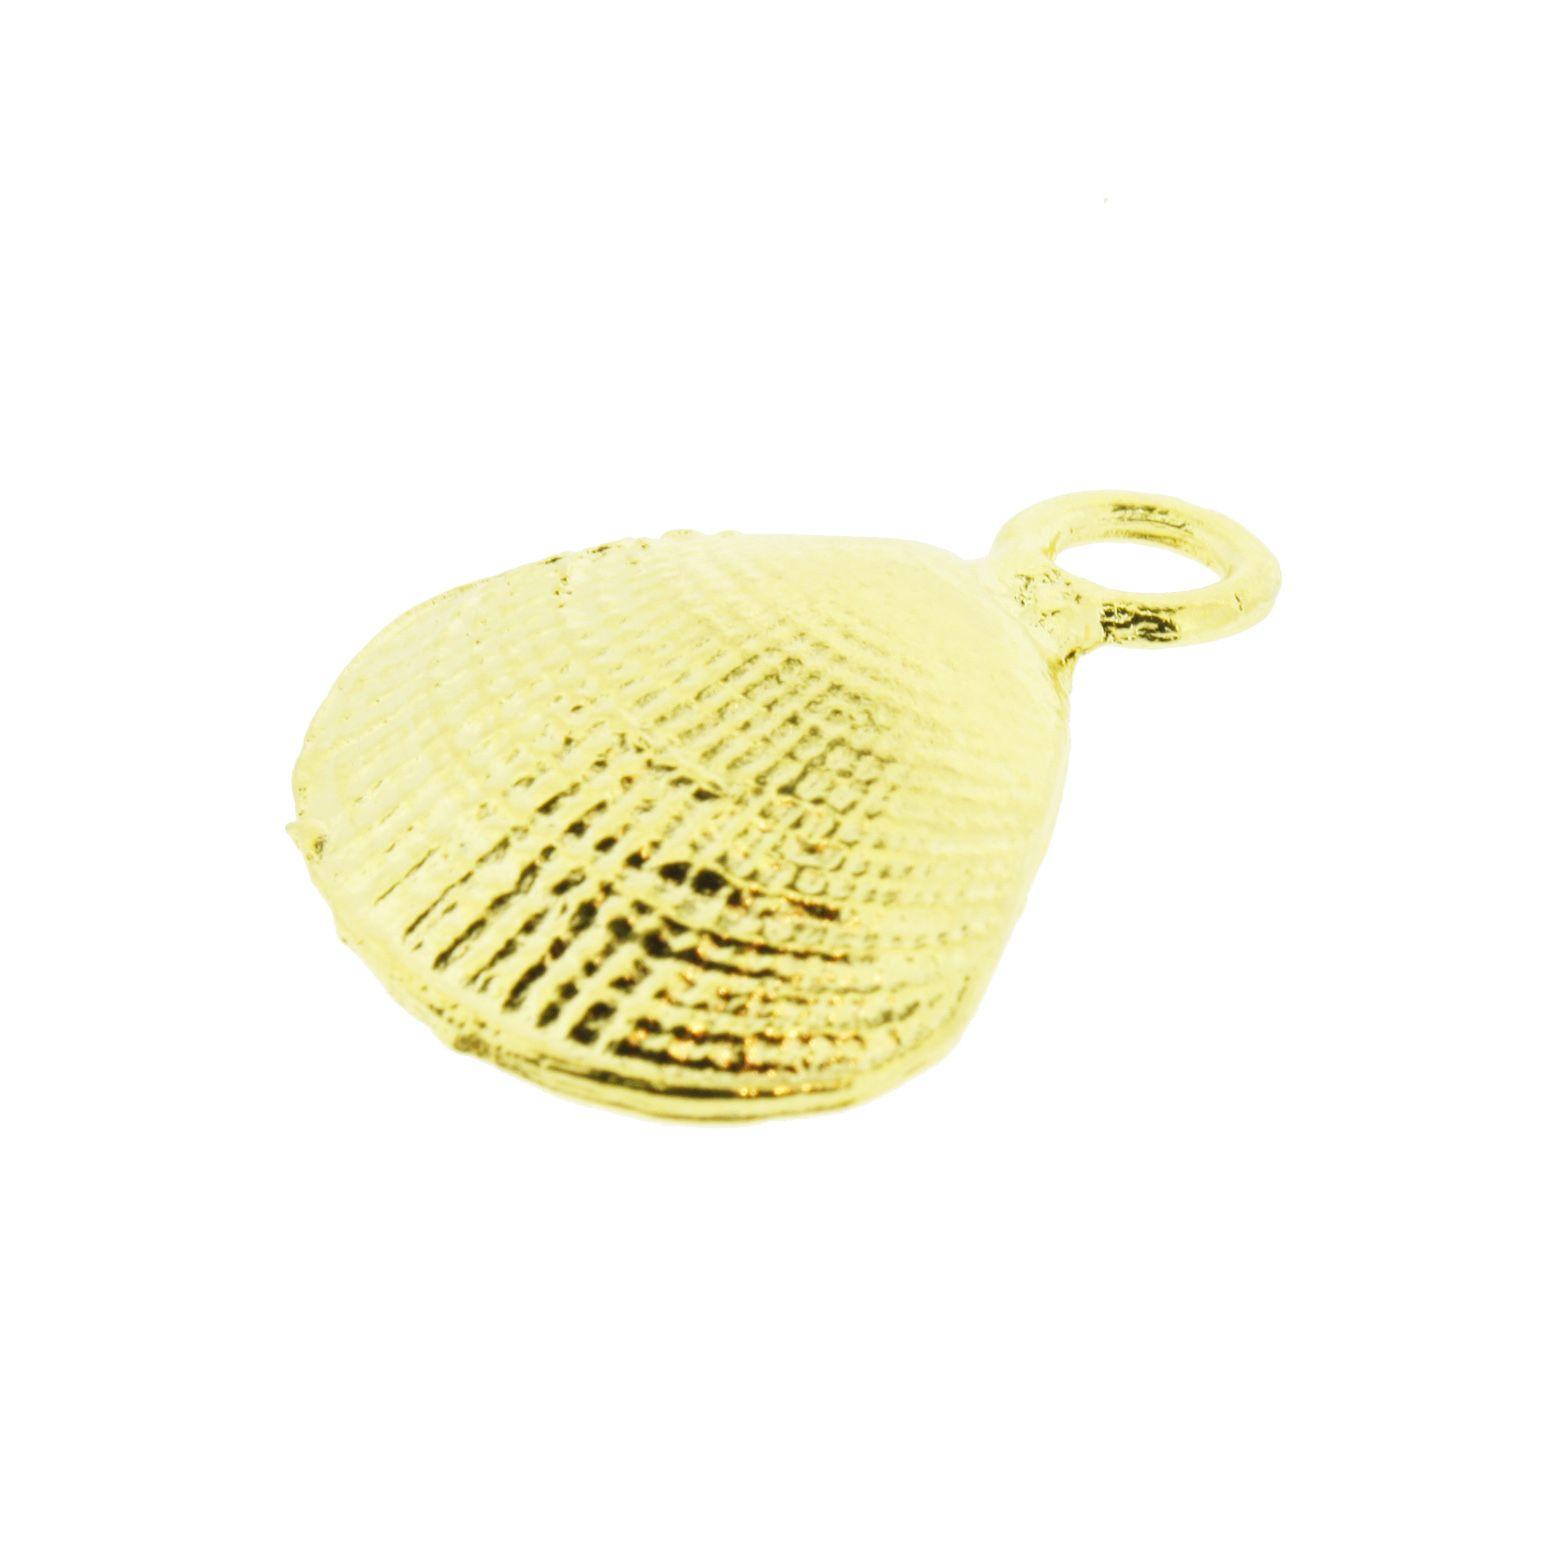 Concha - Dourada - 25mm  - Universo Religioso® - Artigos de Umbanda e Candomblé